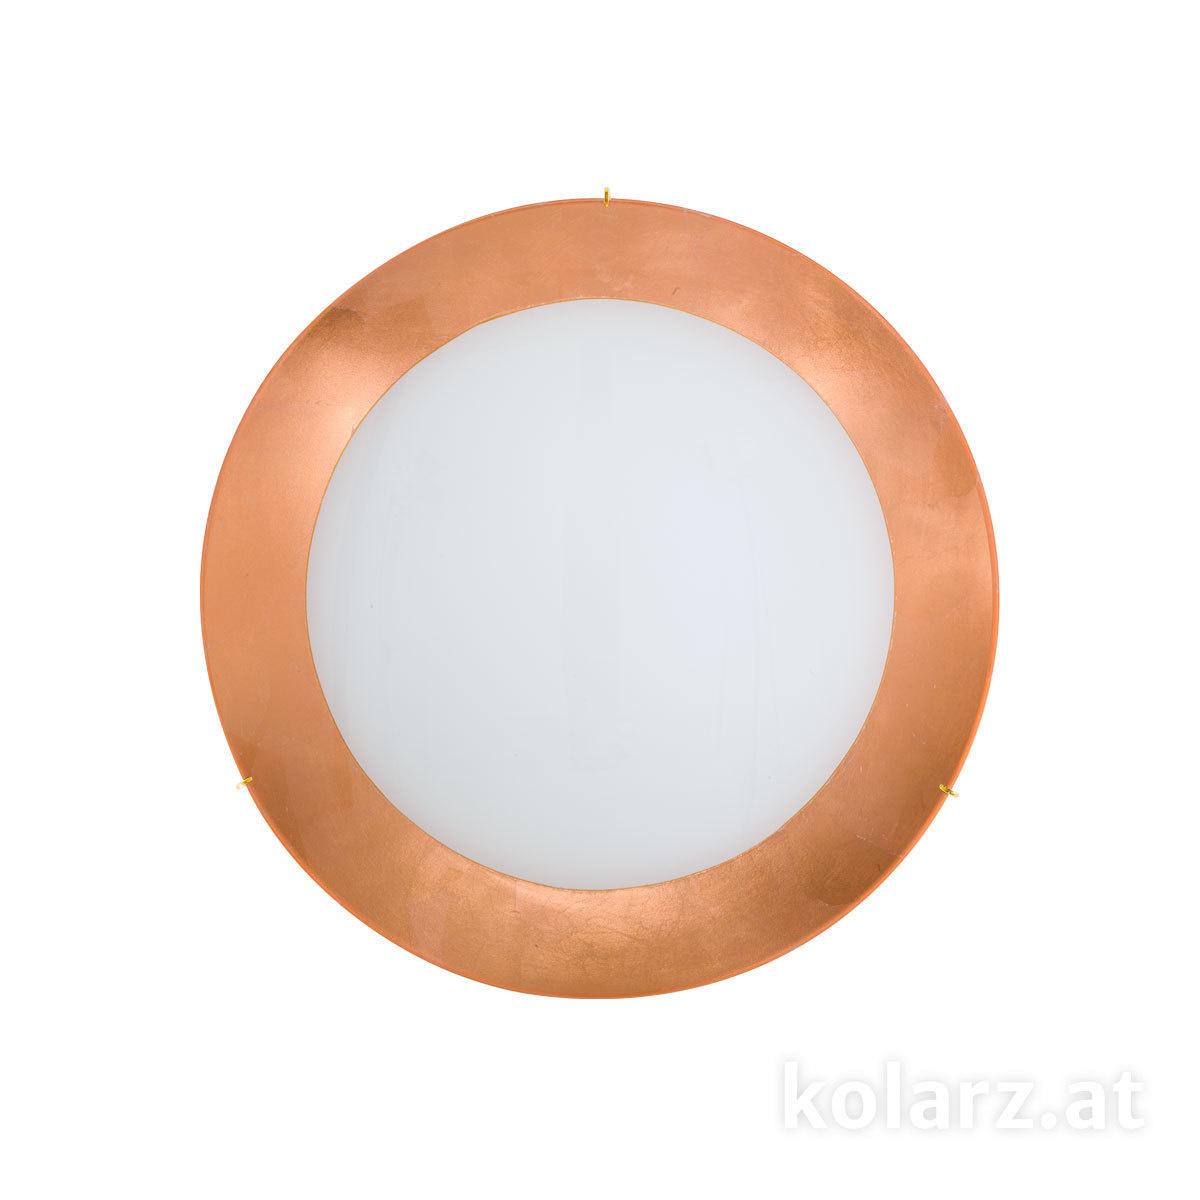 deckenleuchte serena leaf copper 40 24 karat gold. Black Bedroom Furniture Sets. Home Design Ideas